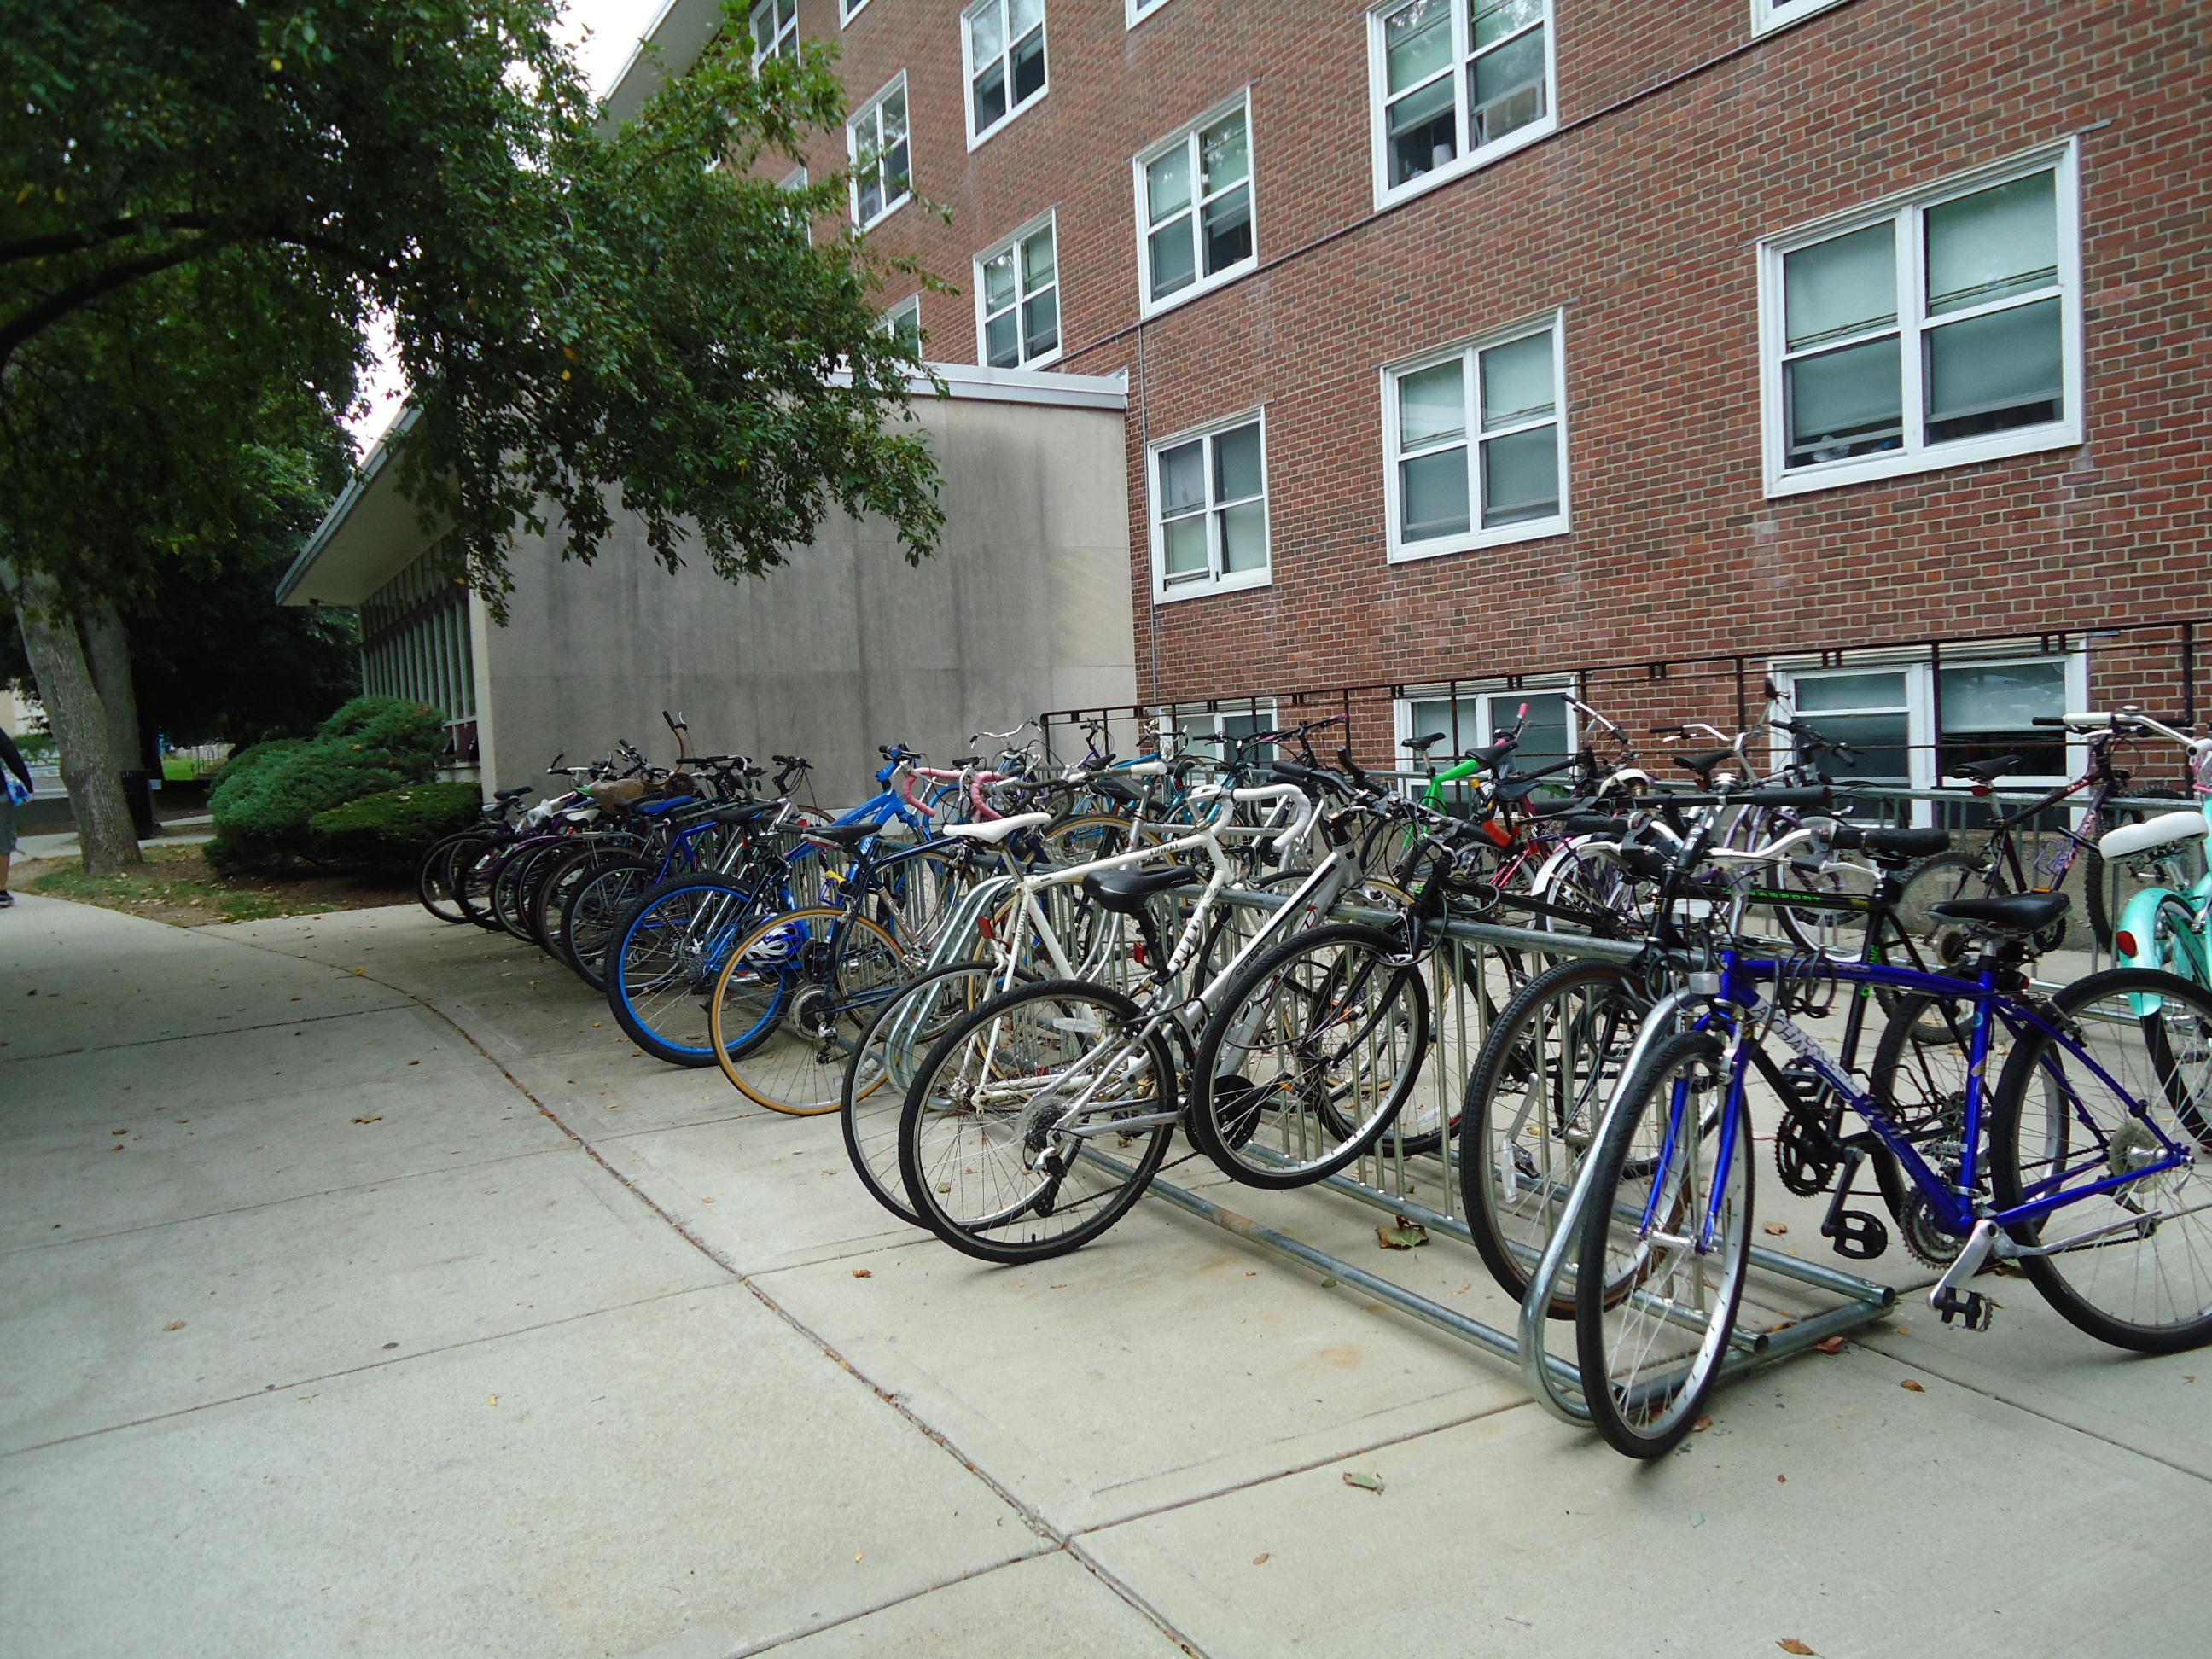 Bikes in a bike rack 2 photo